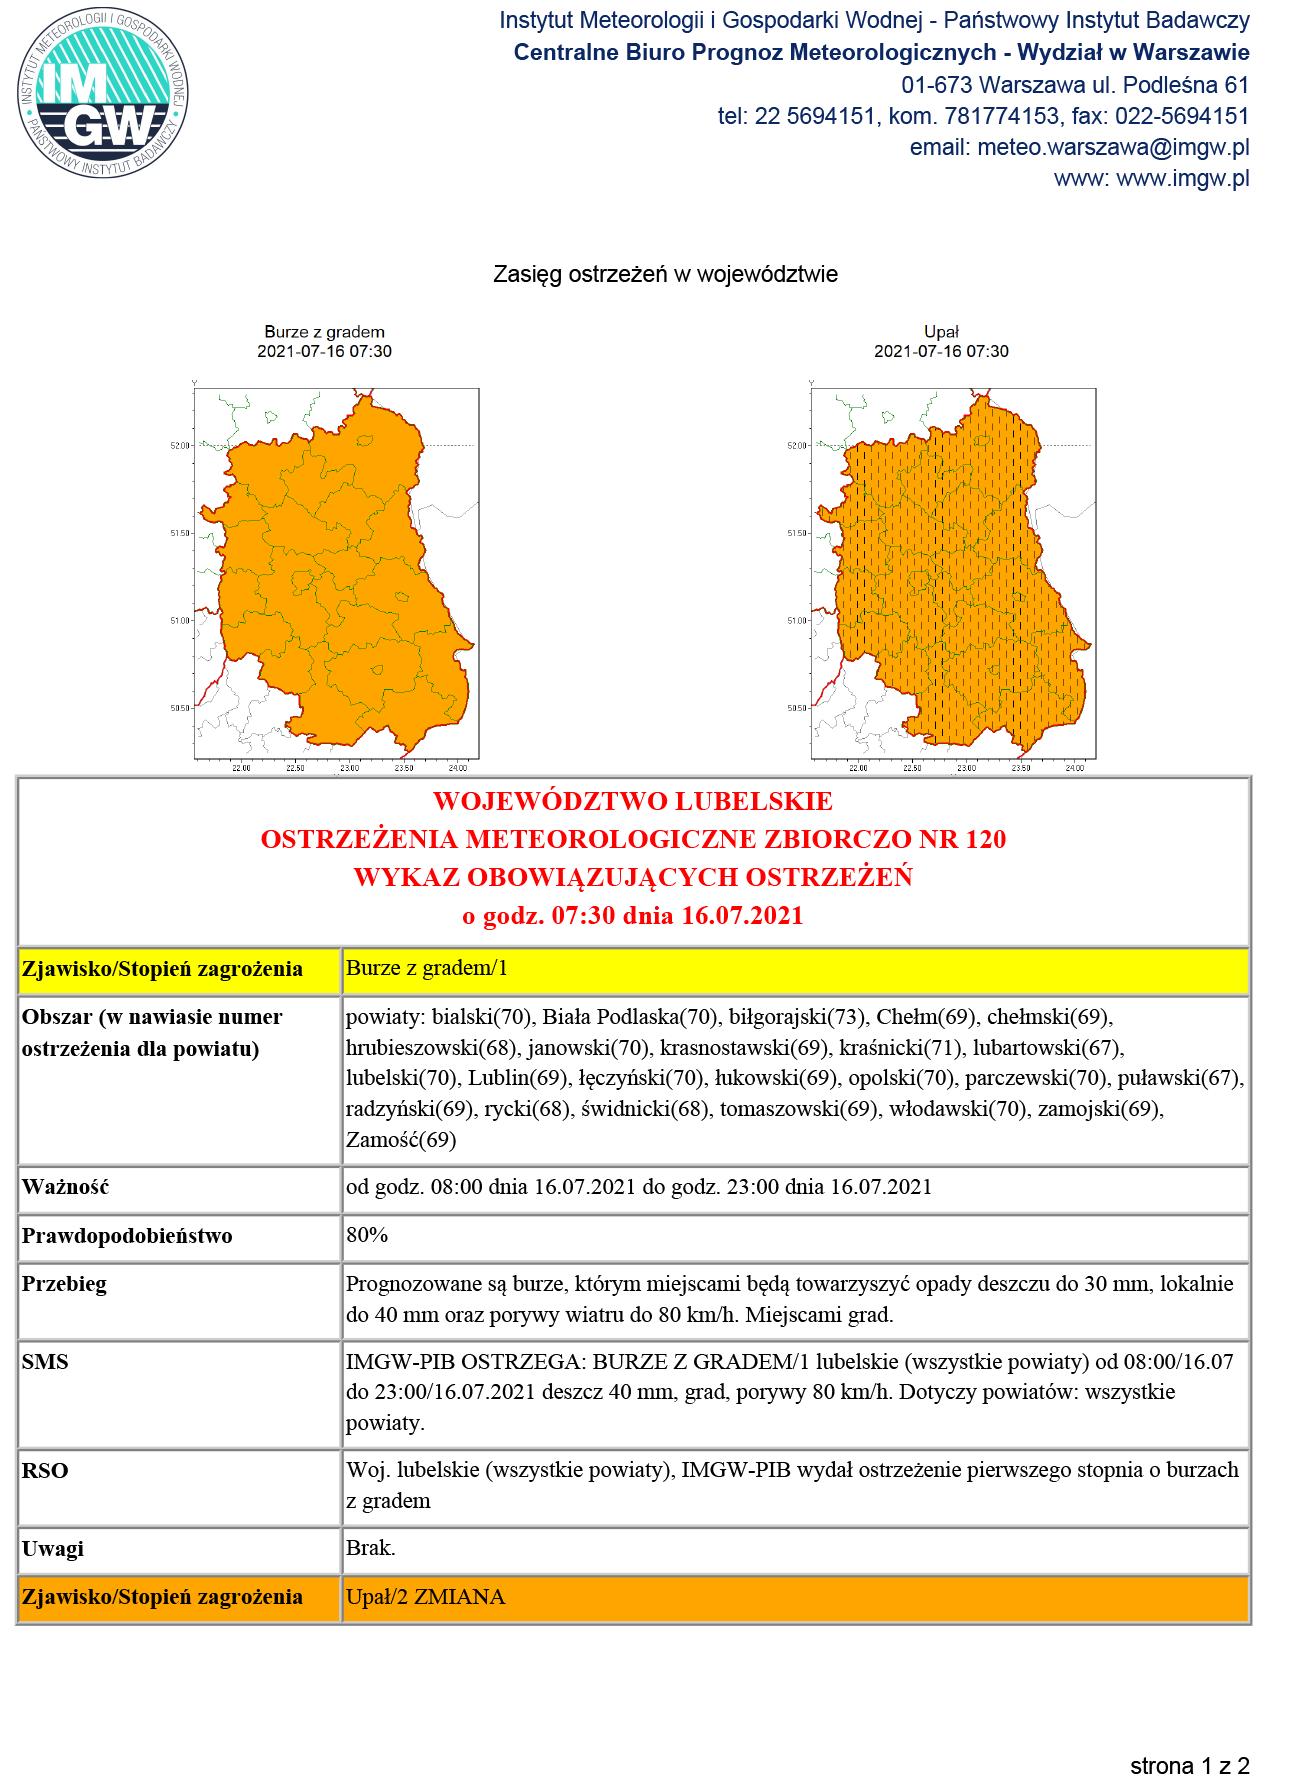 IMGW: Ostrzeżenie przed burzami z gradem oraz przed upałami